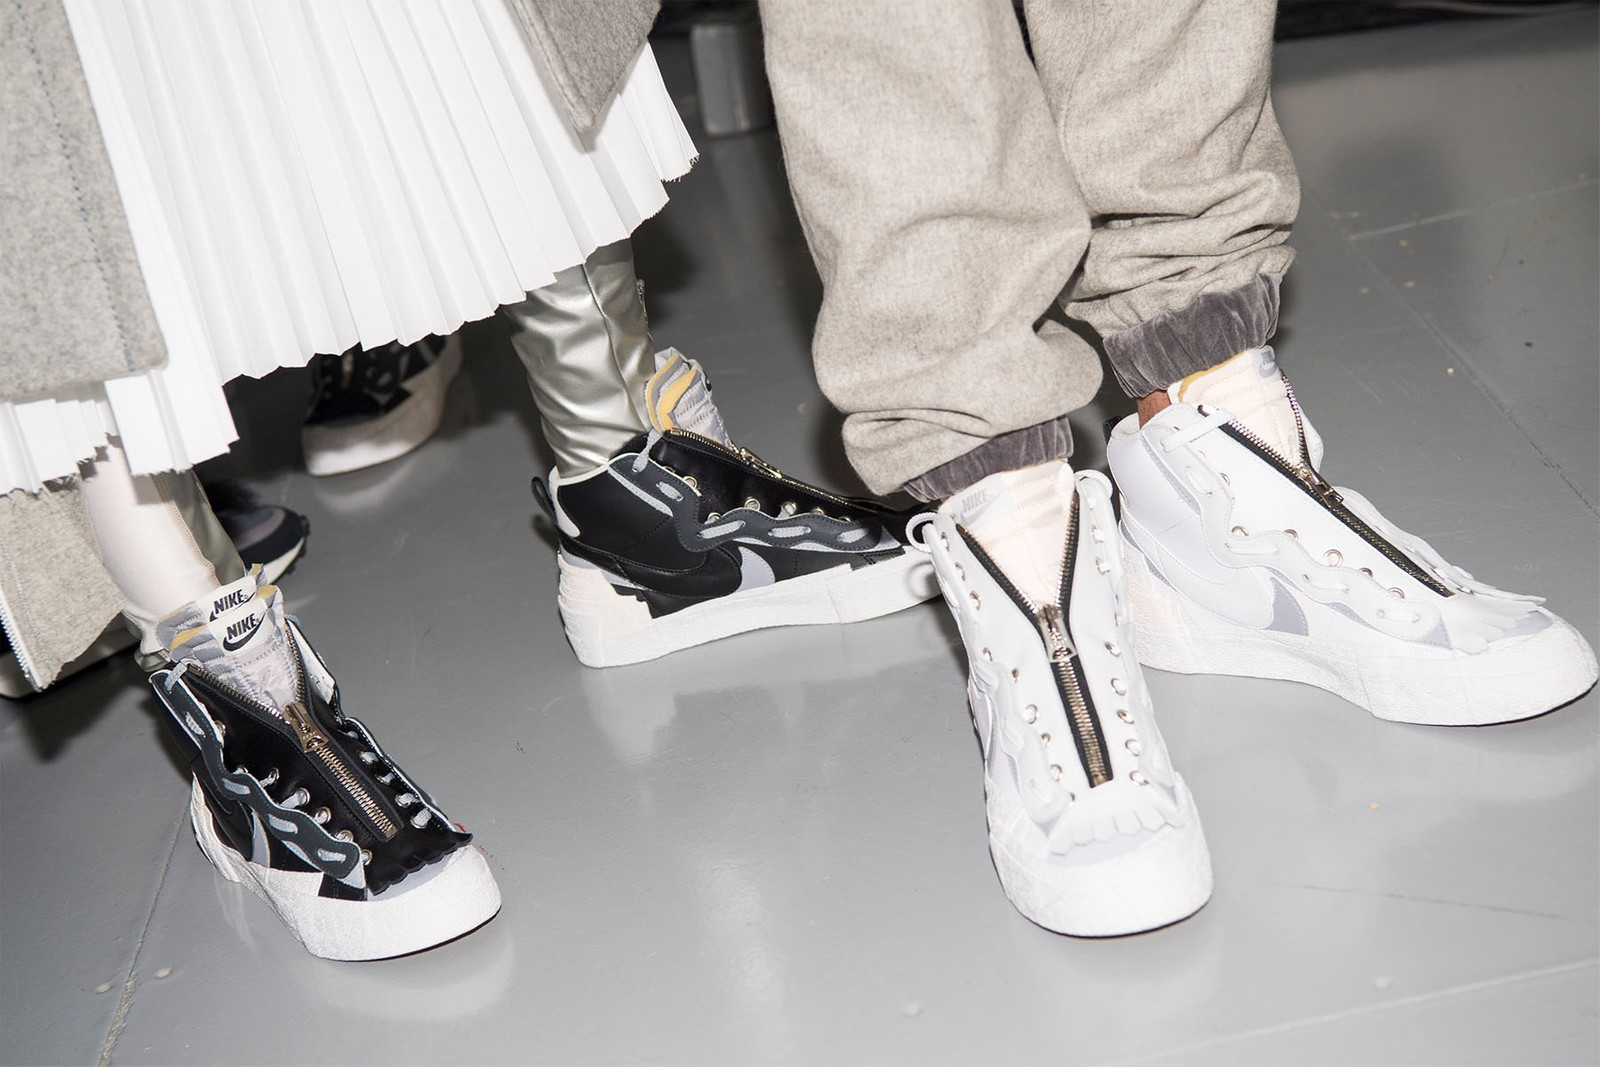 サカイ ナイキ sacai が Nike とのコラボスニーカーに装着できるシューズ用アクセサリーを限定発売 LDWaffle Blazer Mid